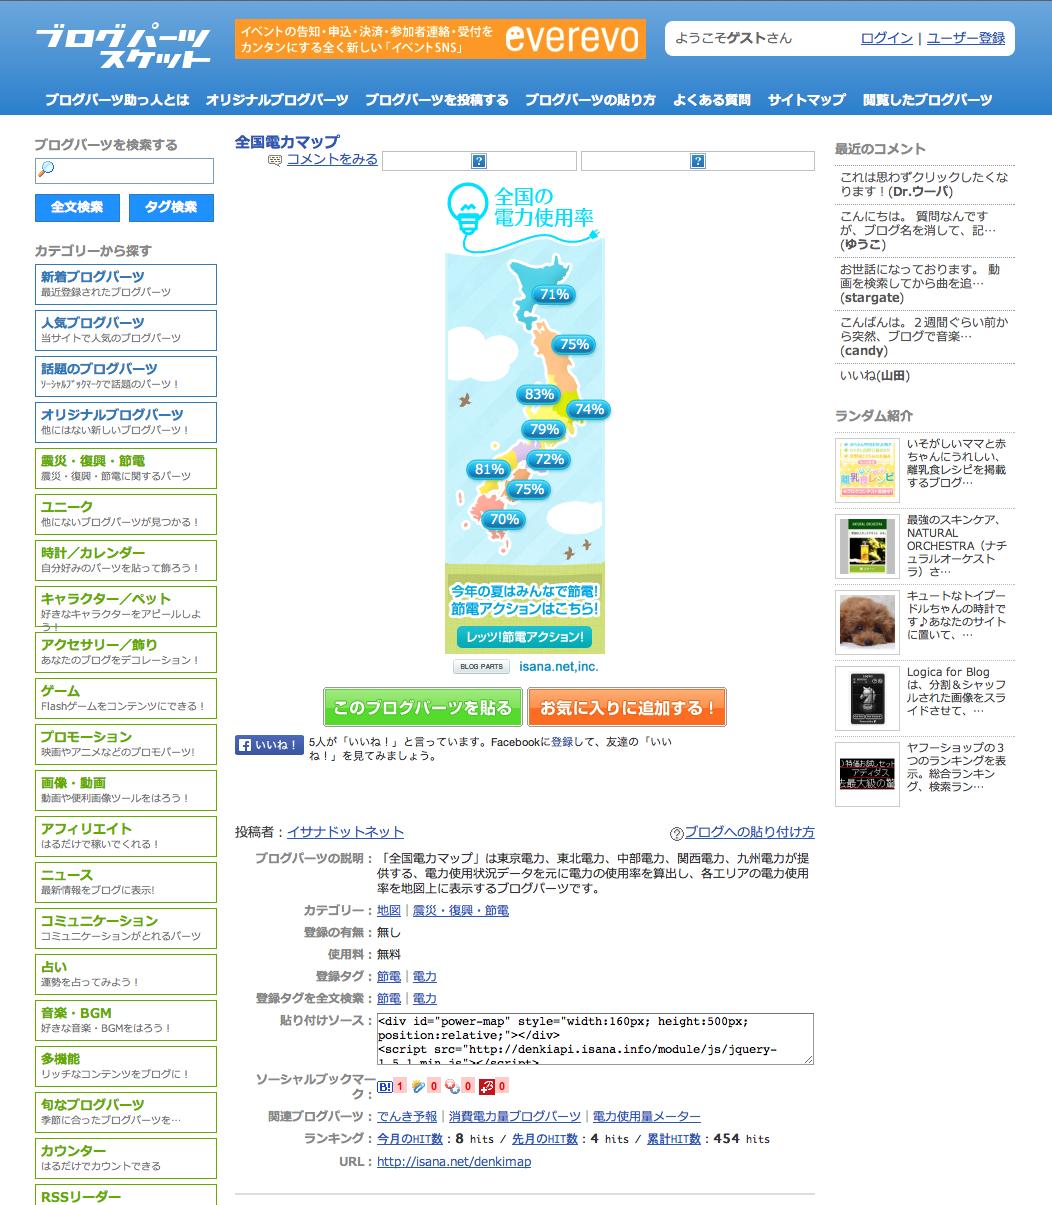 スクリーンショット 2014-04-15 12.40.00.png